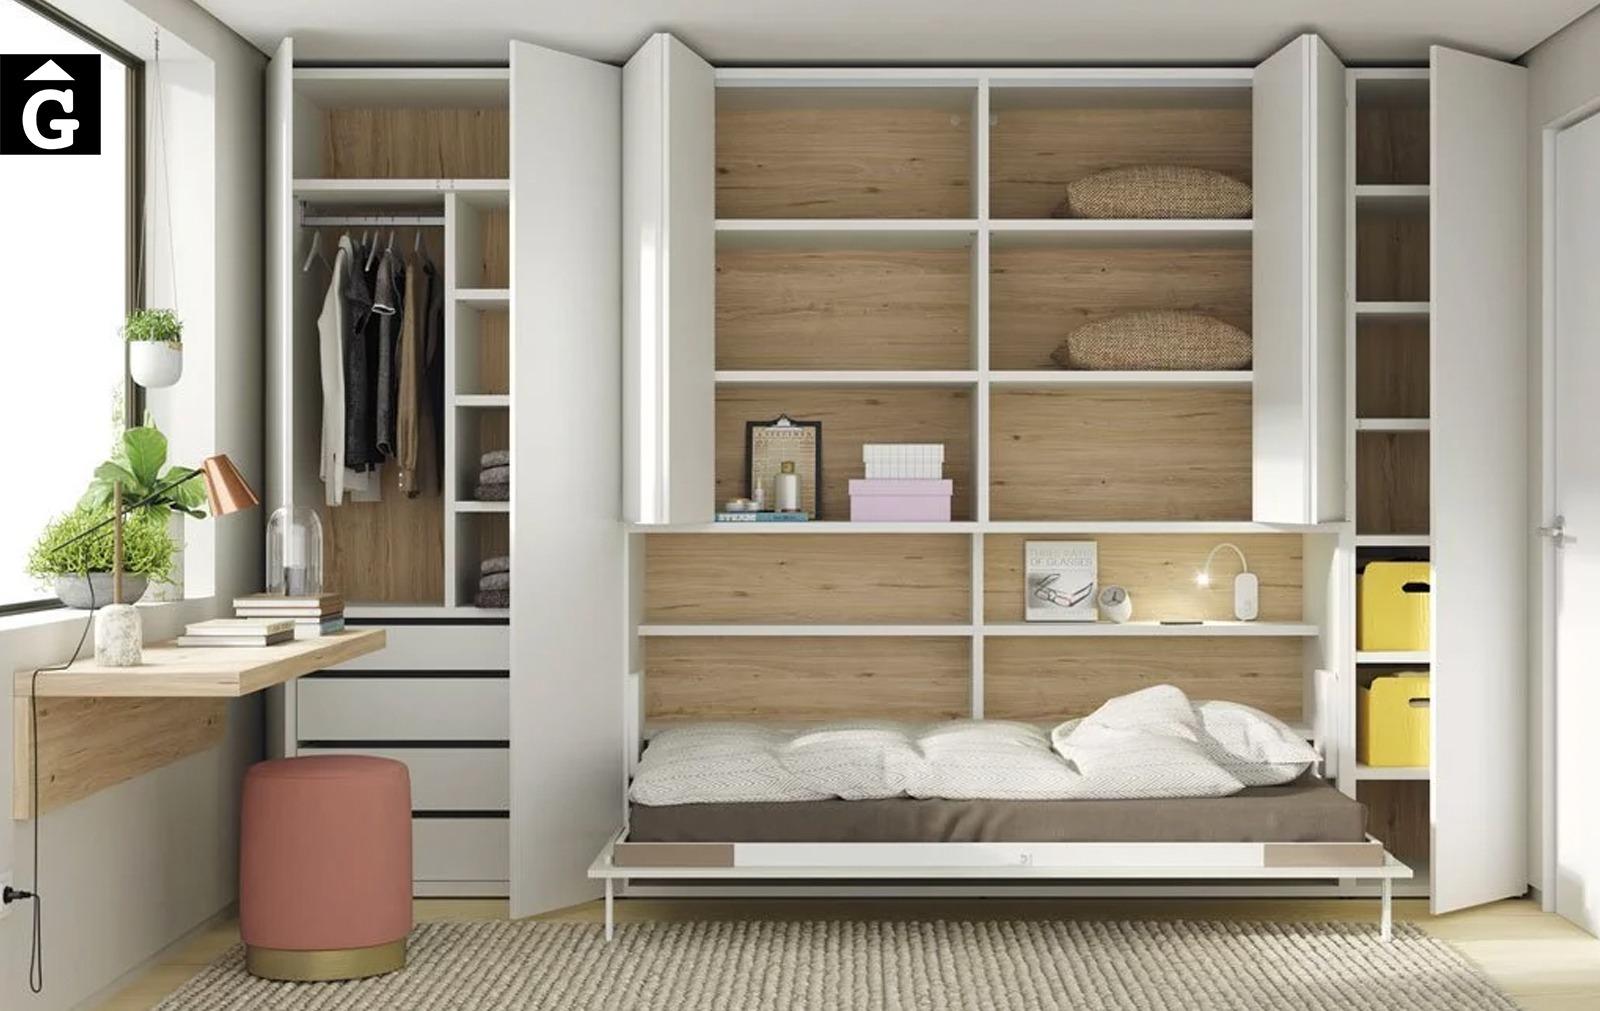 Habitació estudi amb armari llit abatible | Interior armari vist | Up & Down | llits abatibles | Pràctics, saludables i segurs | Jotajotape | mobles Gifreu